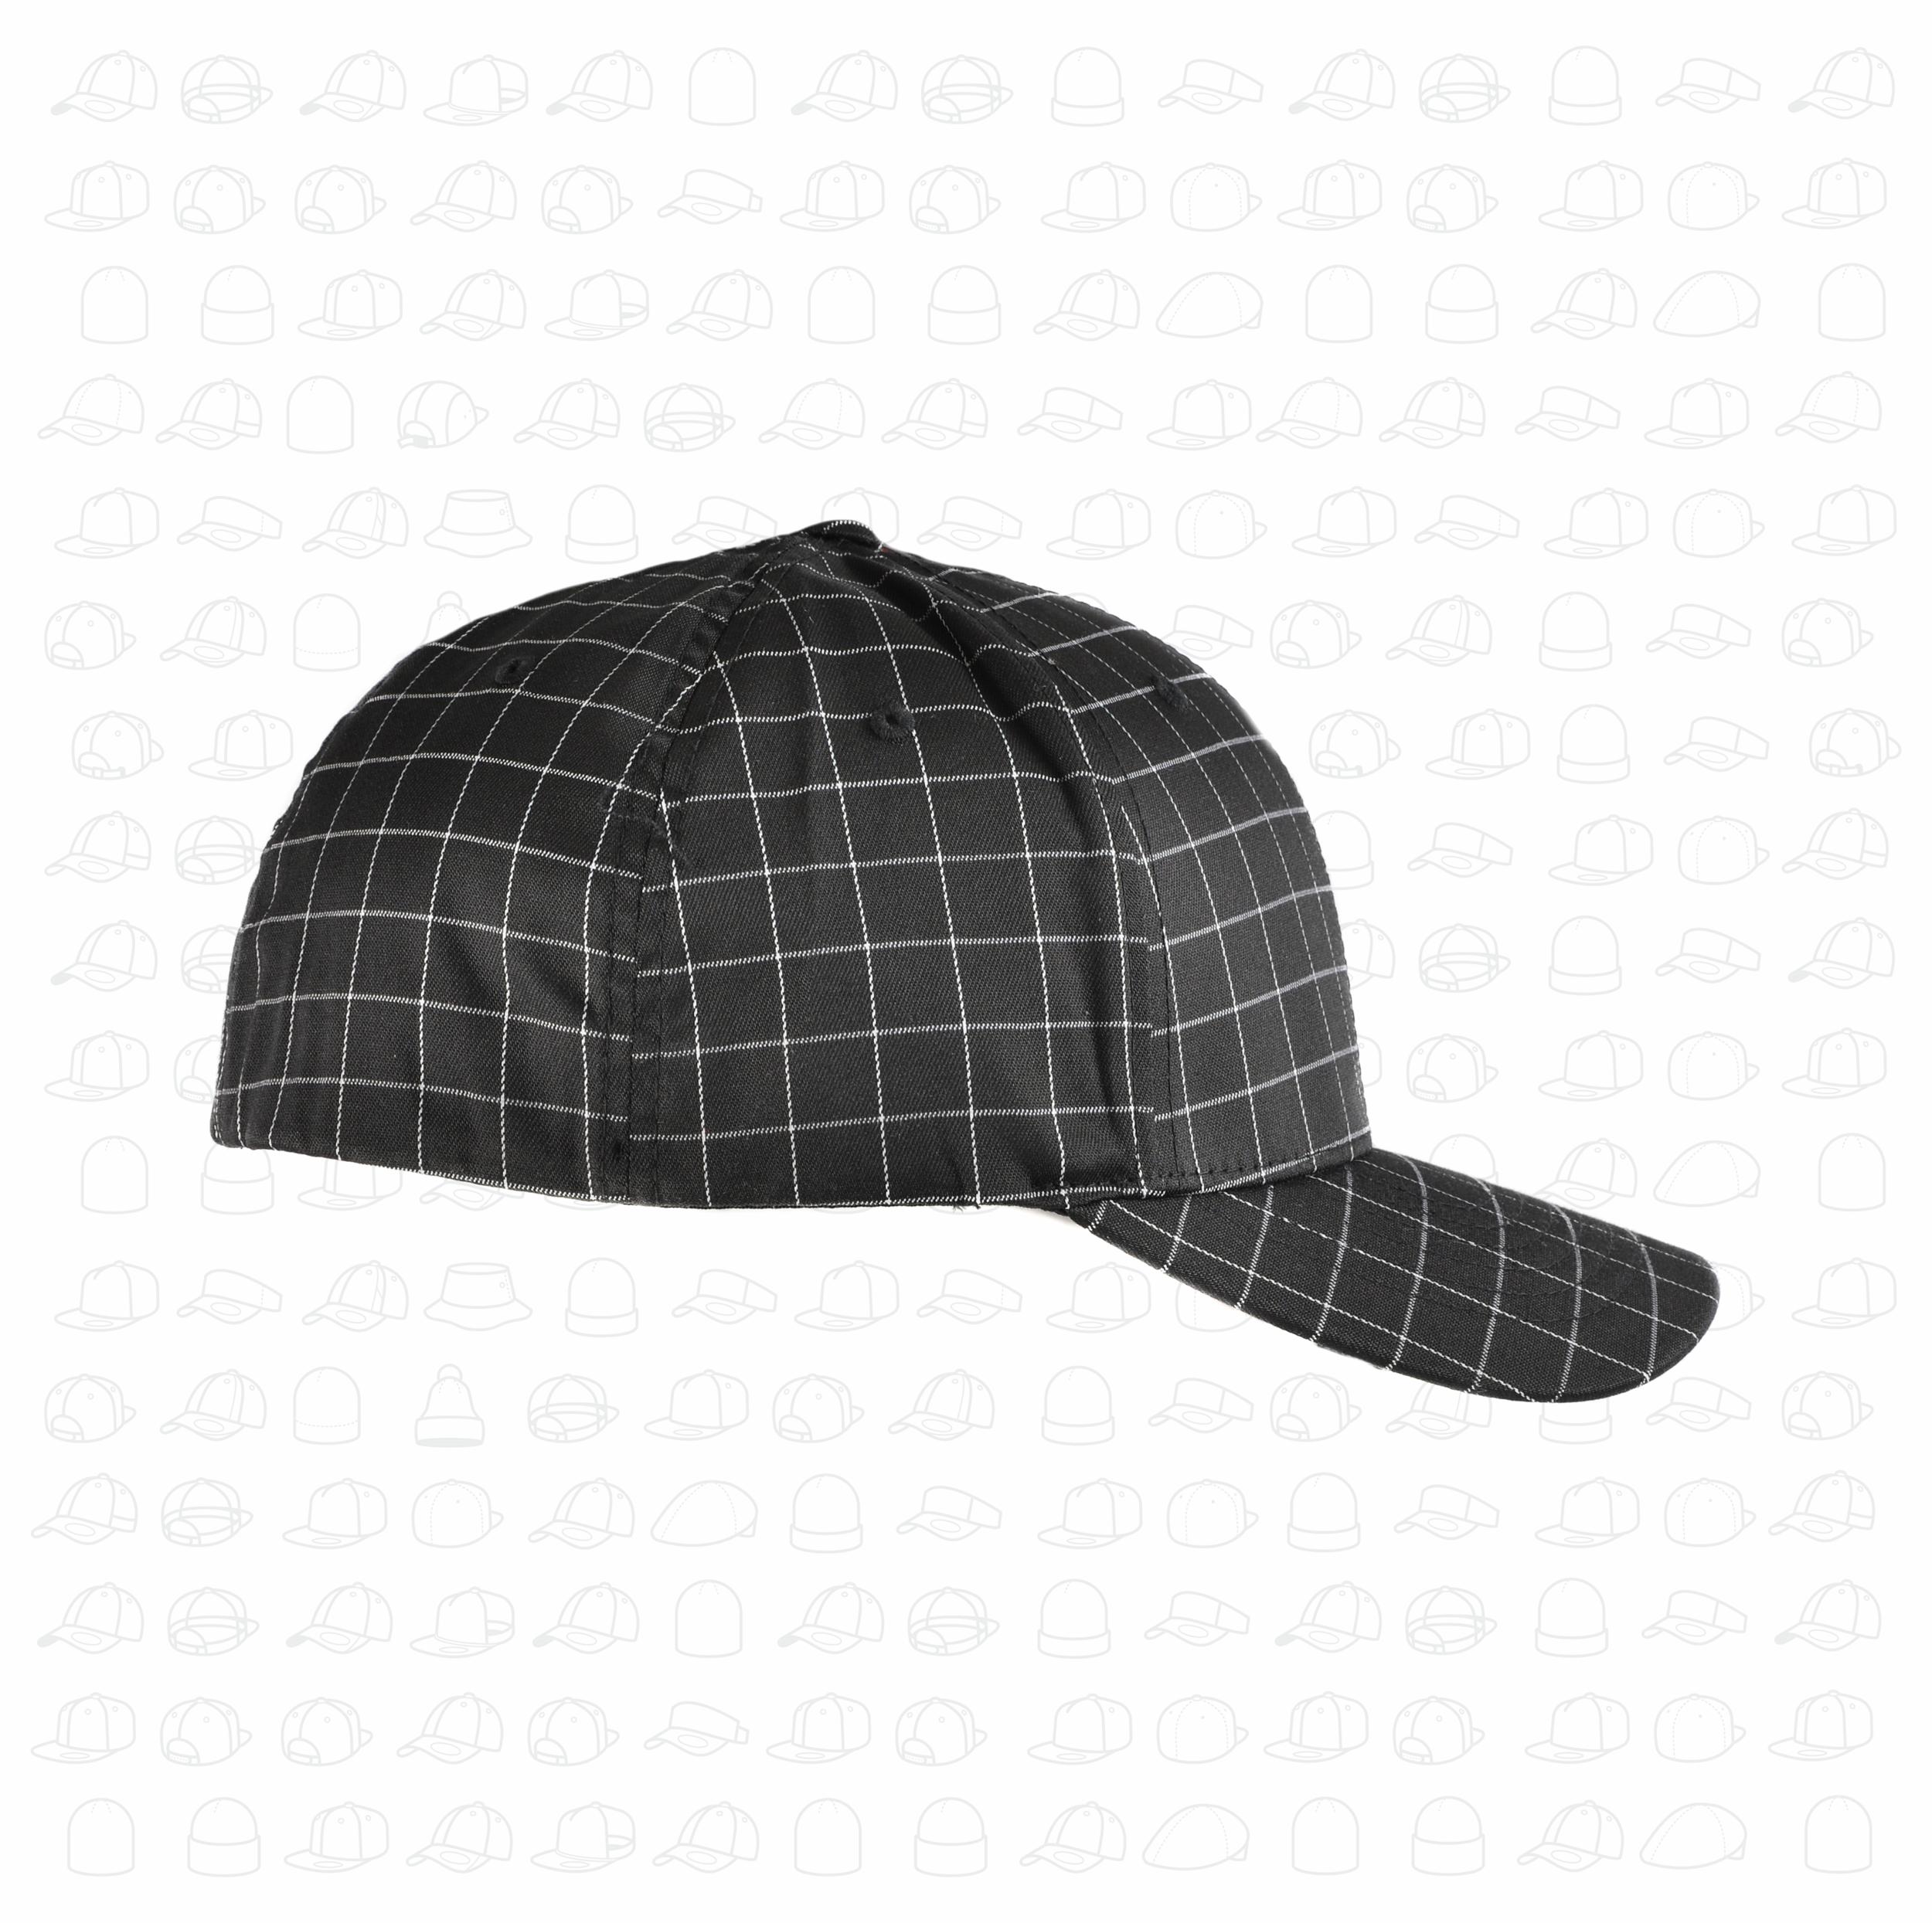 Flexfit by Yupoong Flexfit Square Check Cap